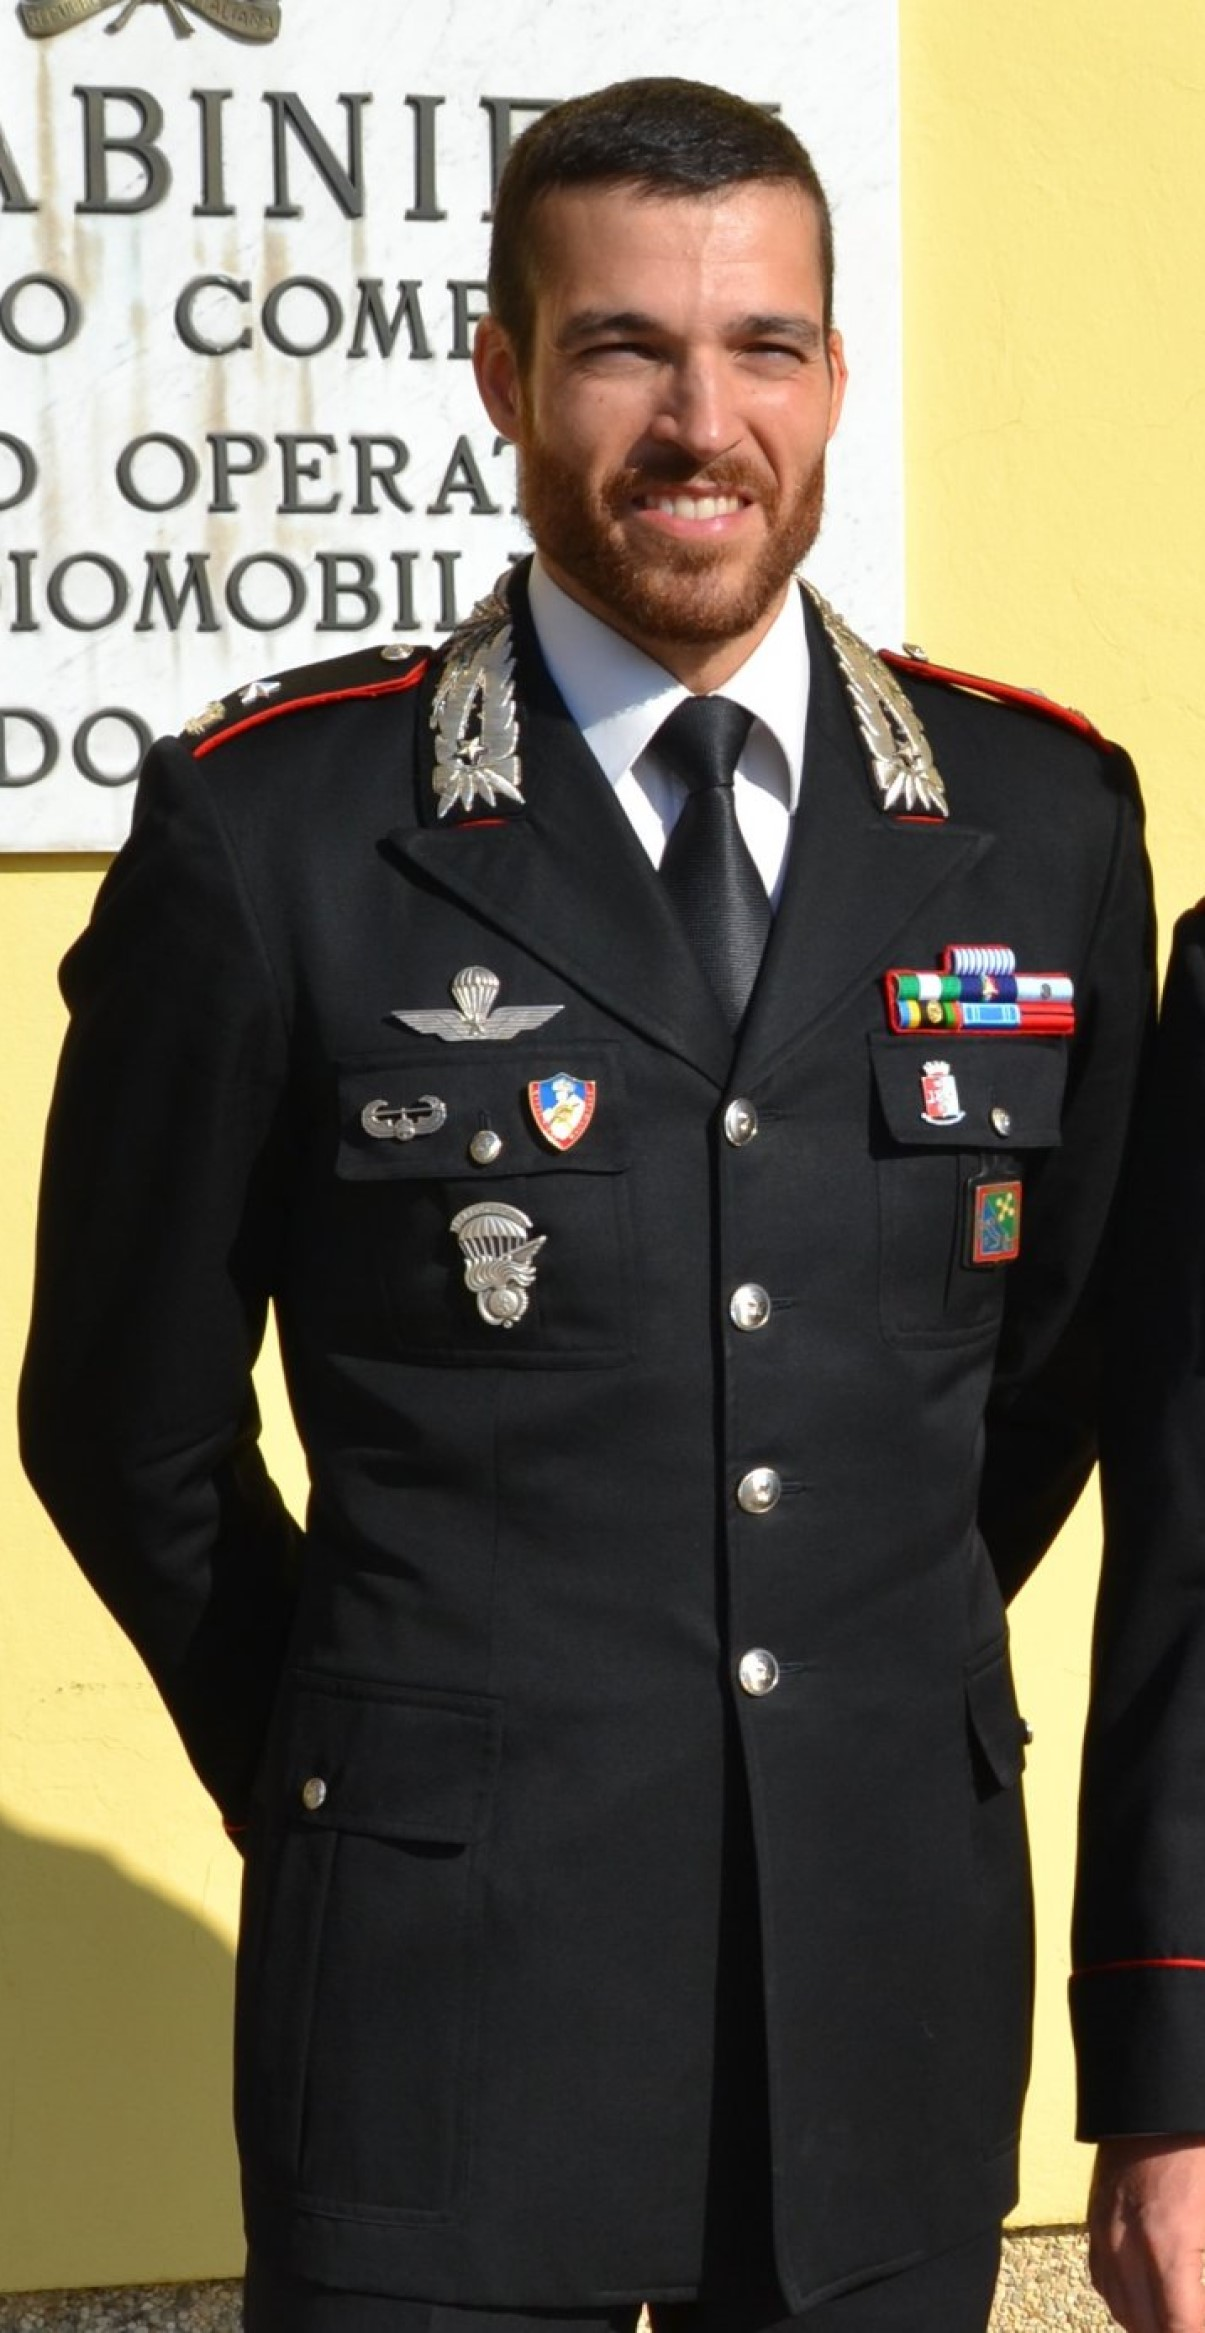 luisa corna età altezza peso fidanzato stefano giovino carabinieri